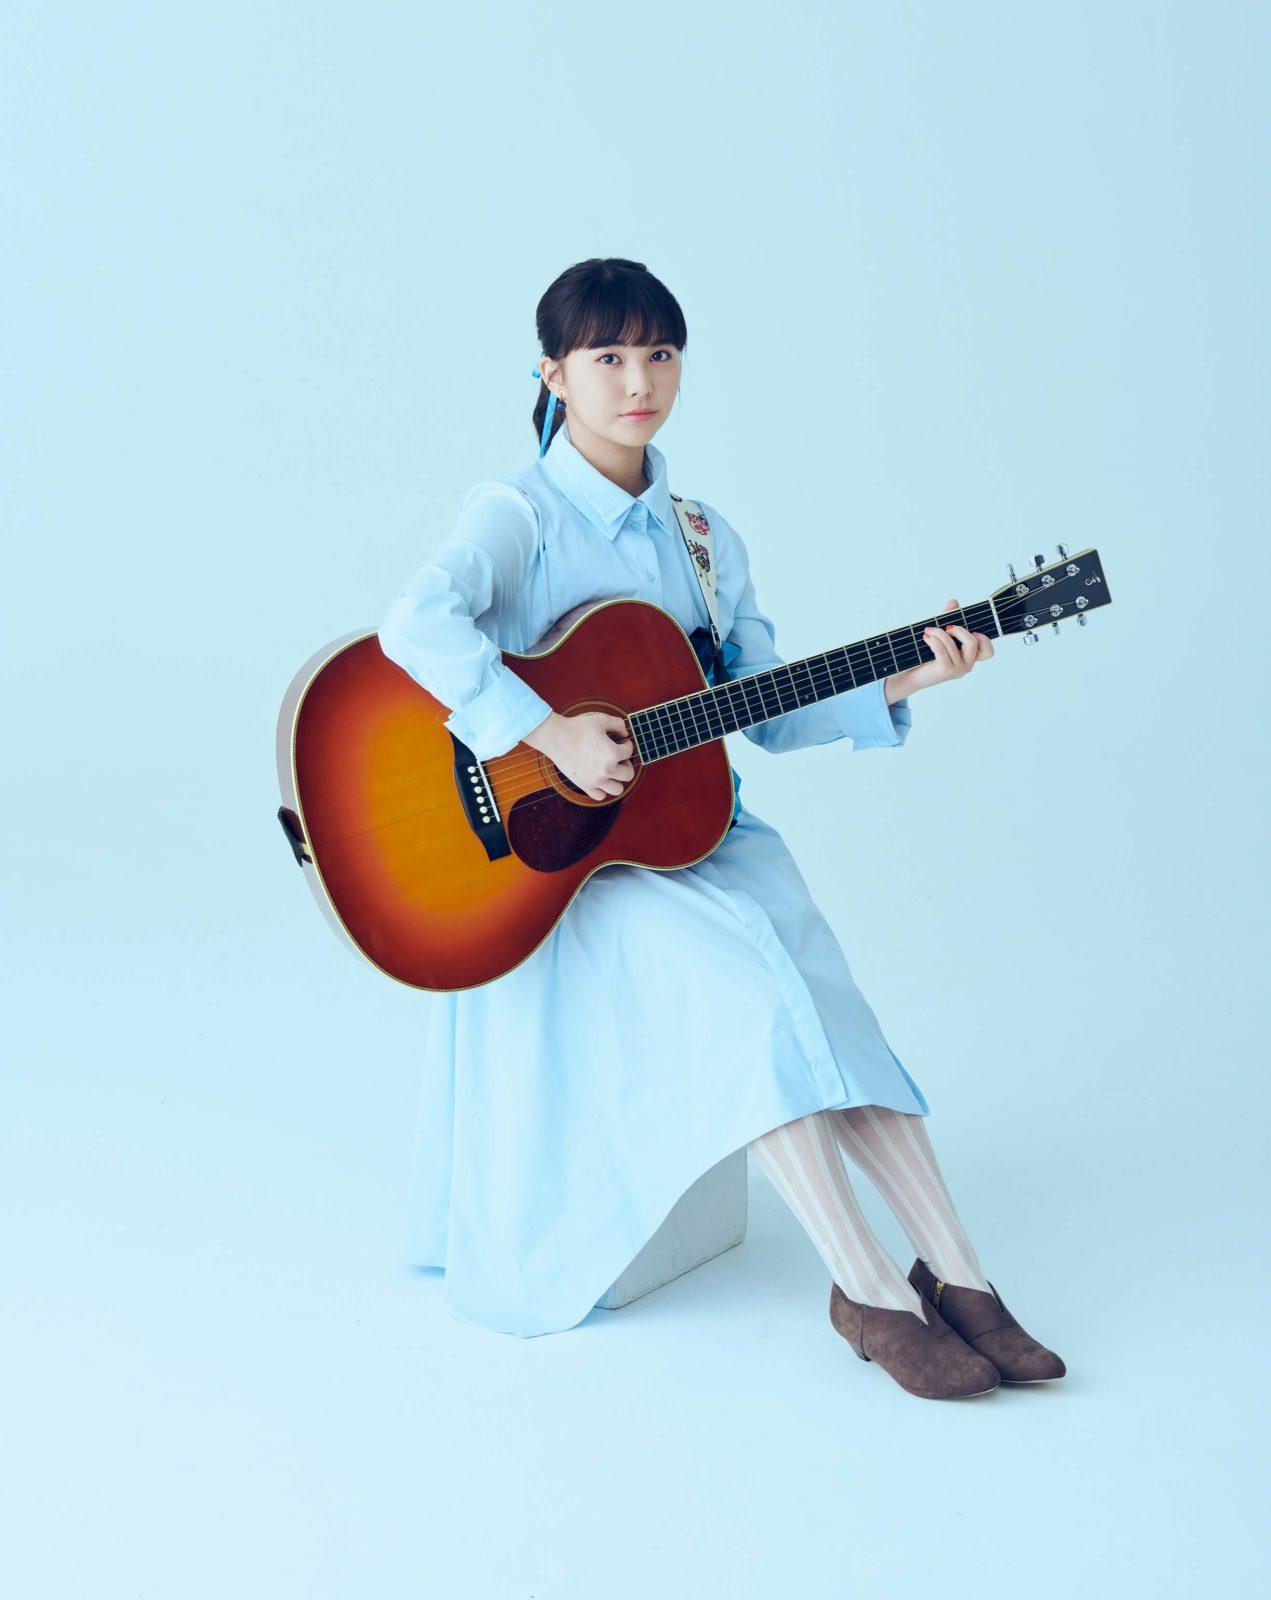 坂口有望、初のバンド編成全国ツアーファイナルで爽やかな恋ソング「ワンピース」の配信リリースを発表サムネイル画像